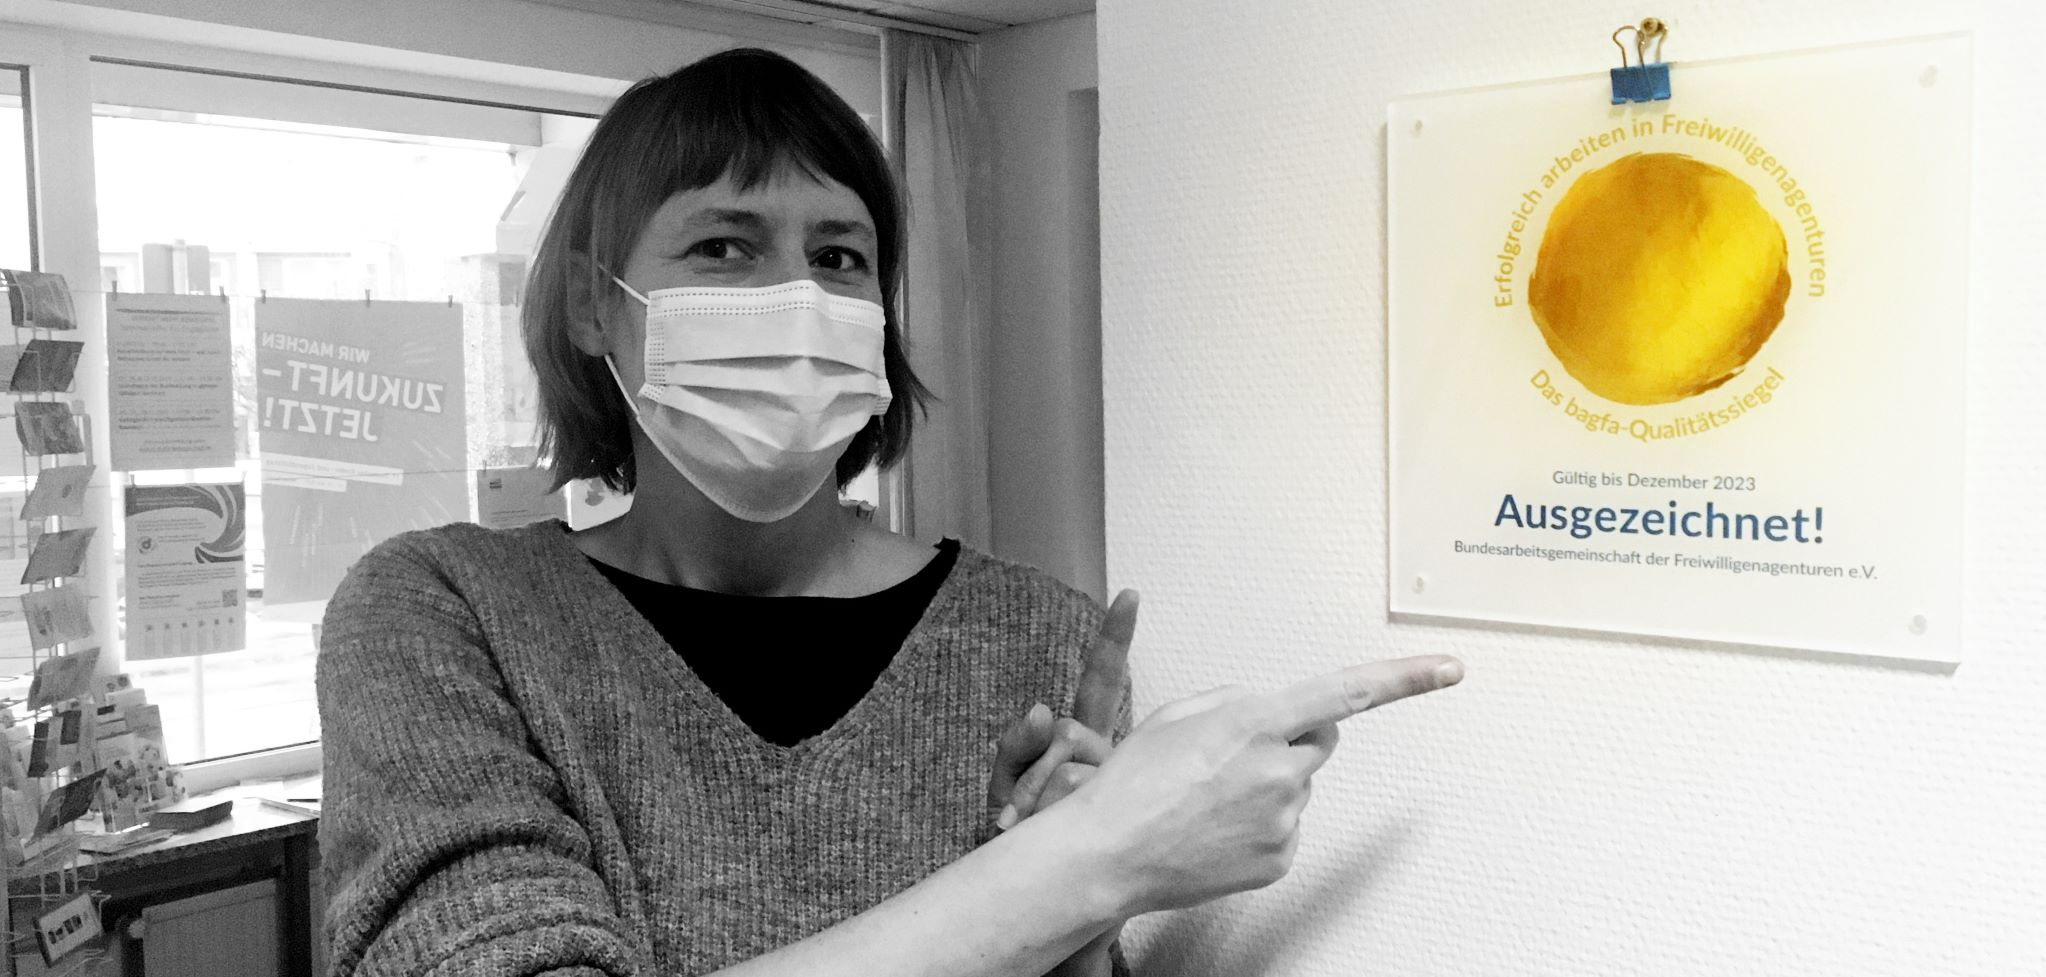 Eine Mitarbeiterin der Freiwilligen-Agentur zeigt auf die Plakette mit dem Qualitätssiegel der Bagfa.